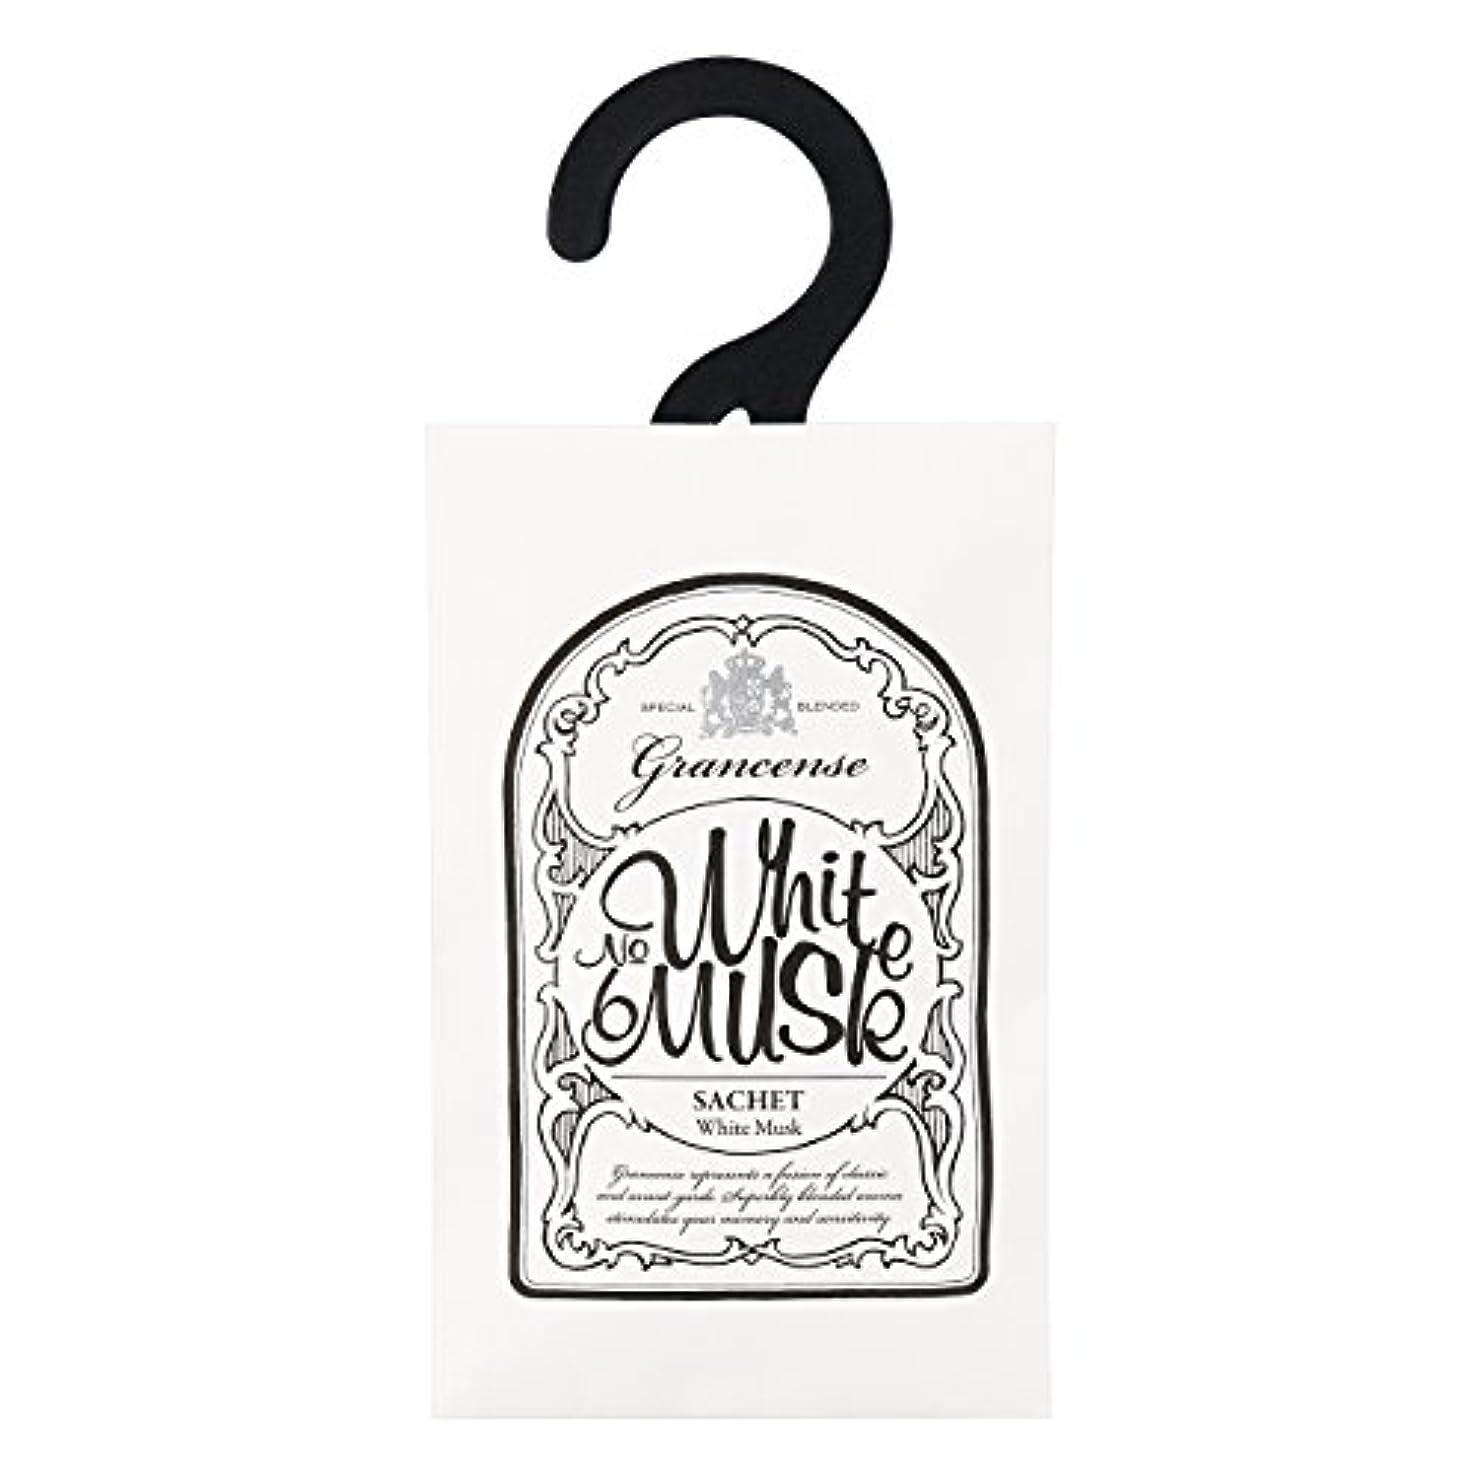 エトナ山大声で彼女のグランセンス サシェ(約2~4週間) ホワイトムスク 12g(芳香剤 香り袋 アロマサシェ ベルガモットとミントの透明感ある香り)